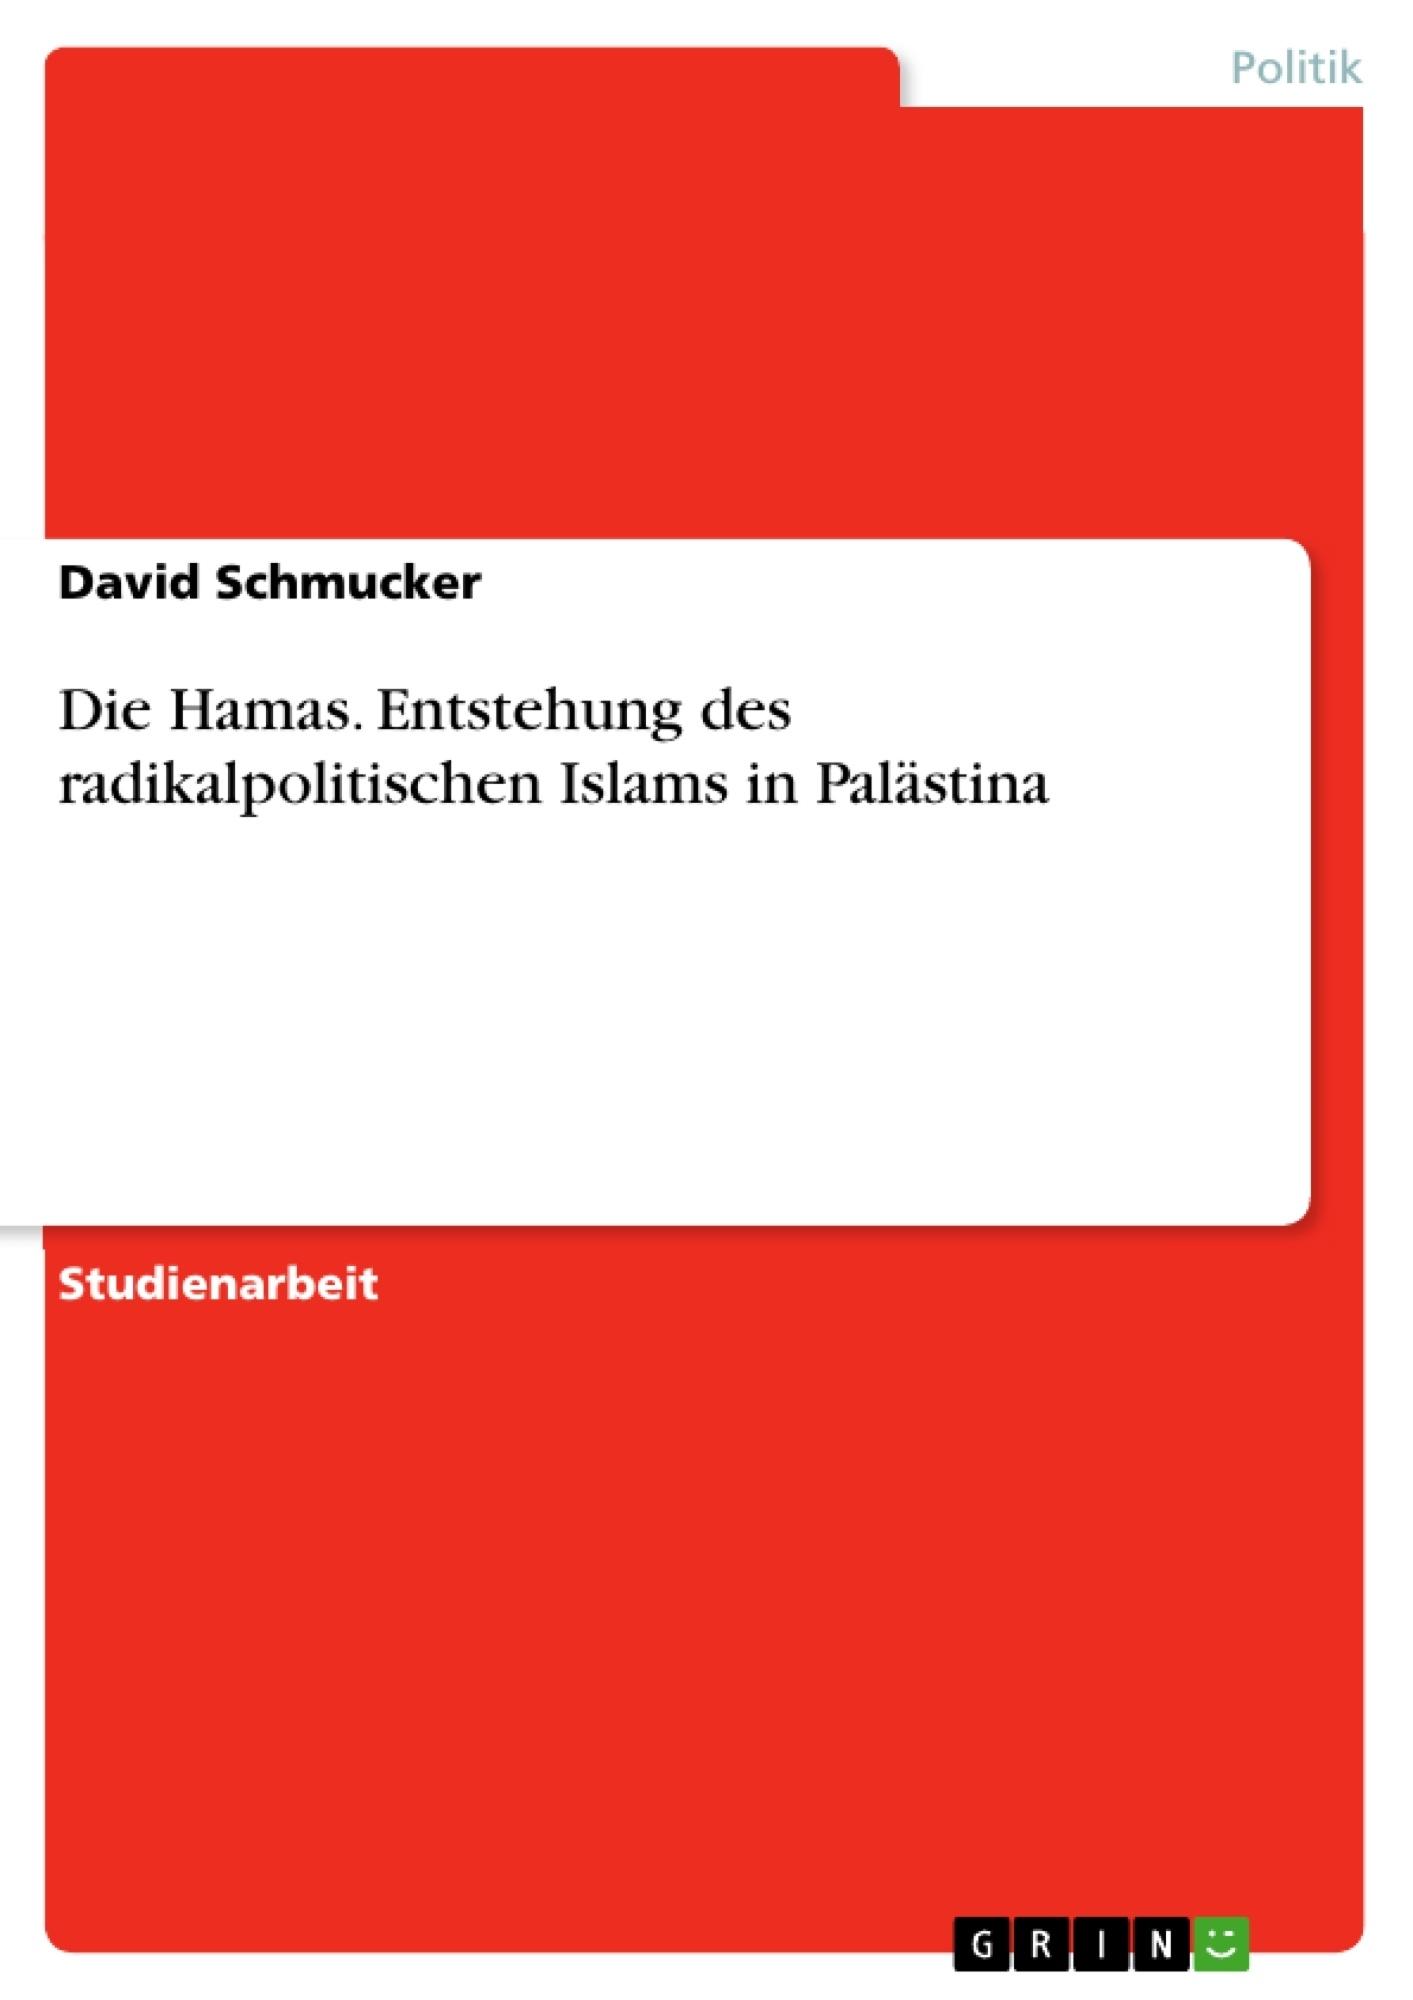 Titel: Die Hamas. Entstehung des radikalpolitischen Islams in Palästina